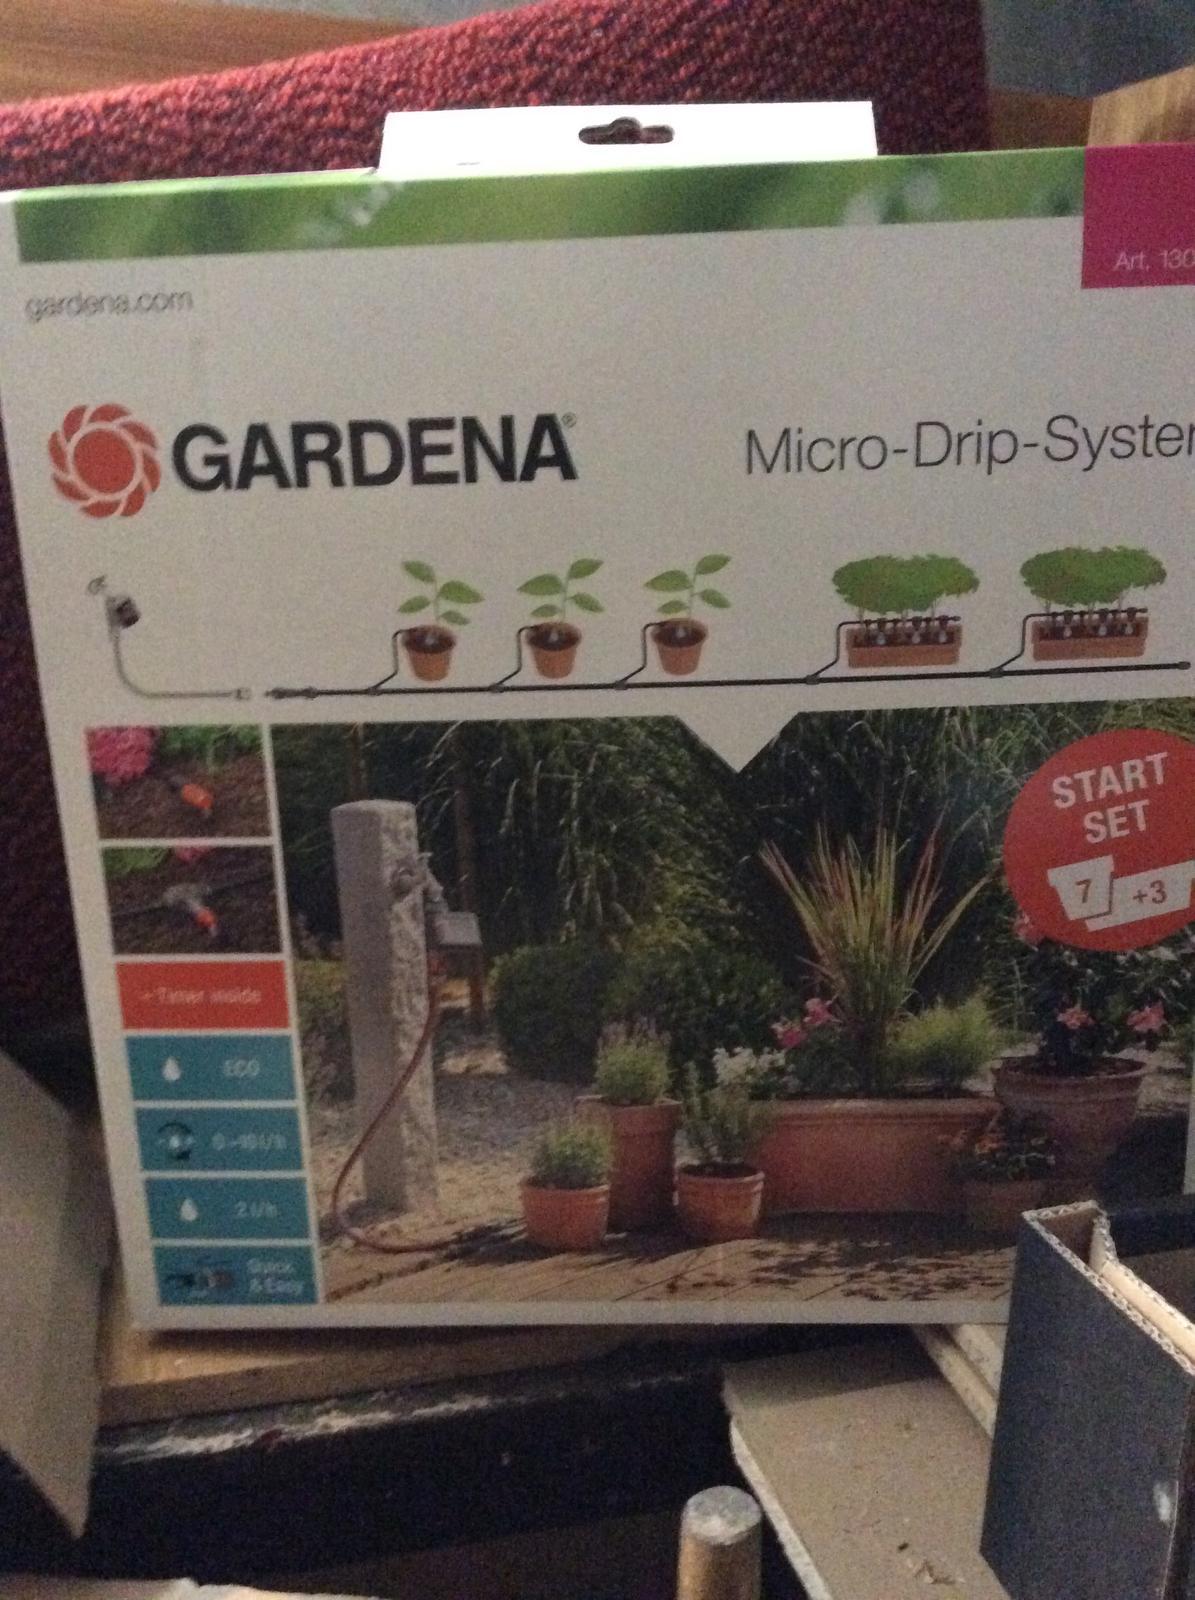 zavlaha gardena micro drip automatic - Obrázok č. 1